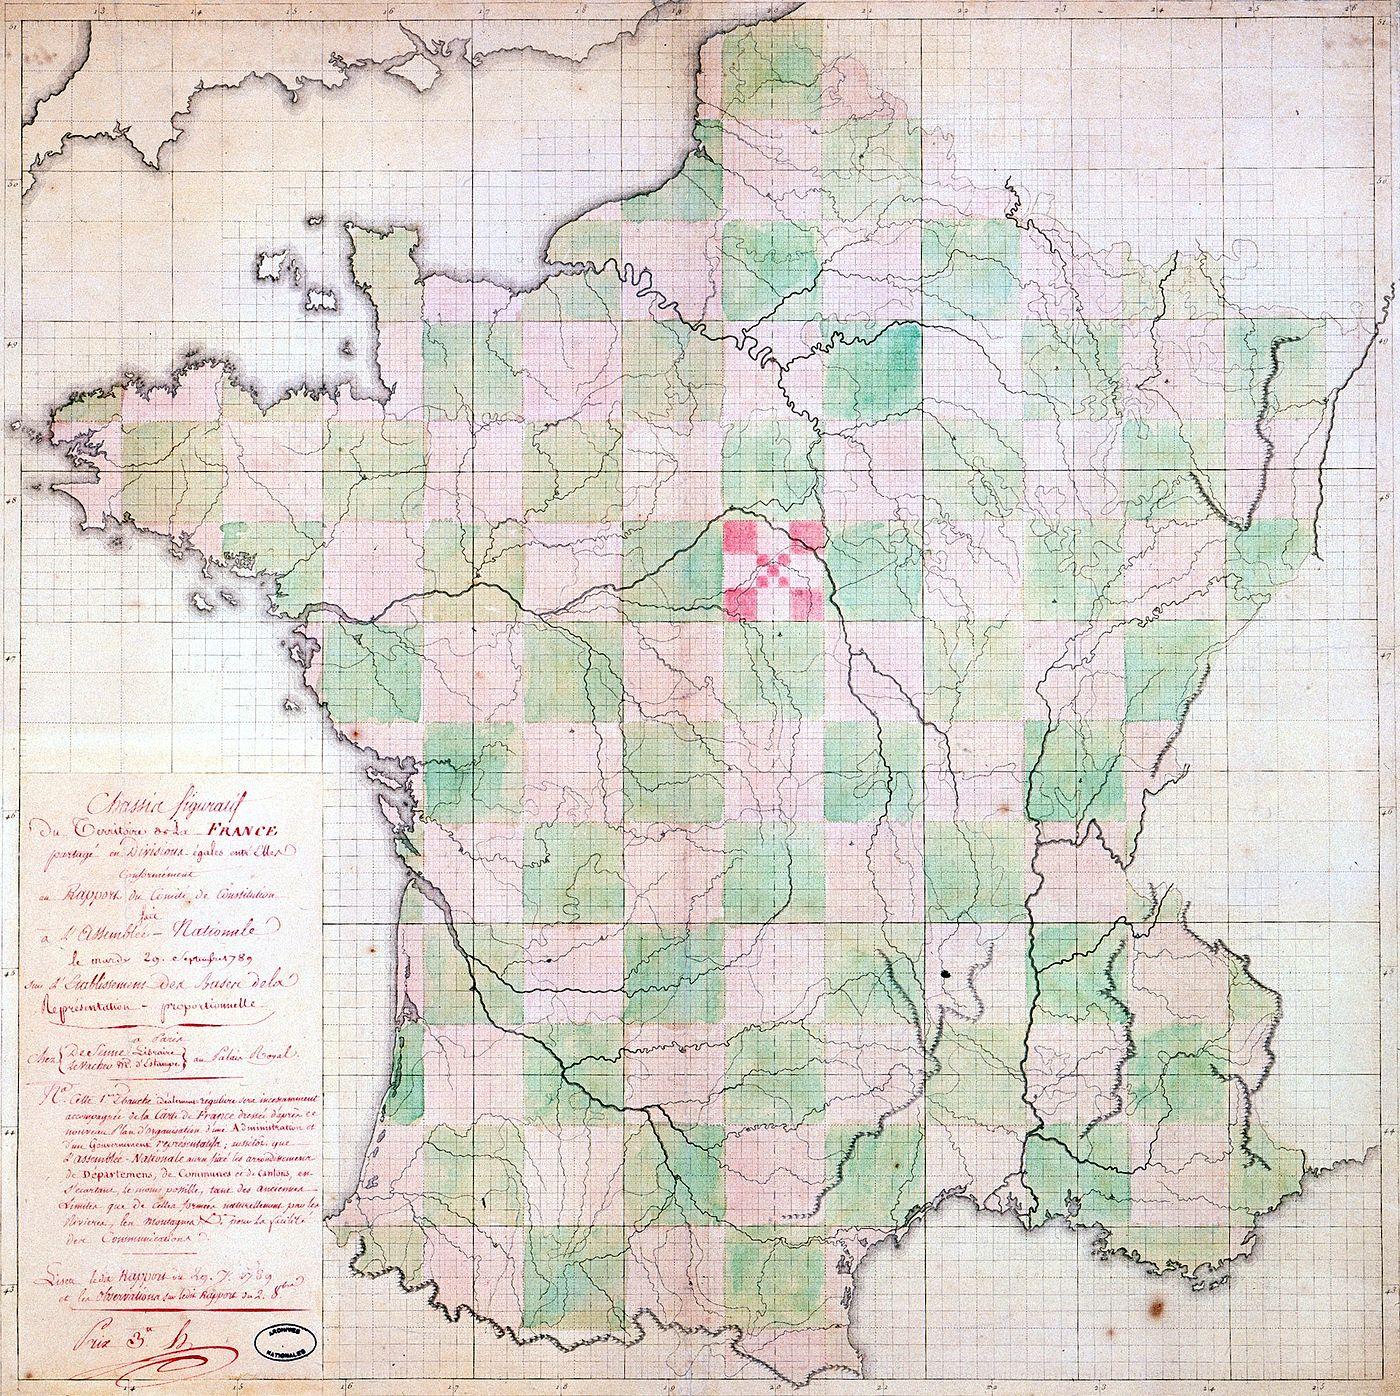 La Formation Des Départements | Histoire Et Analyse D'images tout Le Découpage Administratif De La France